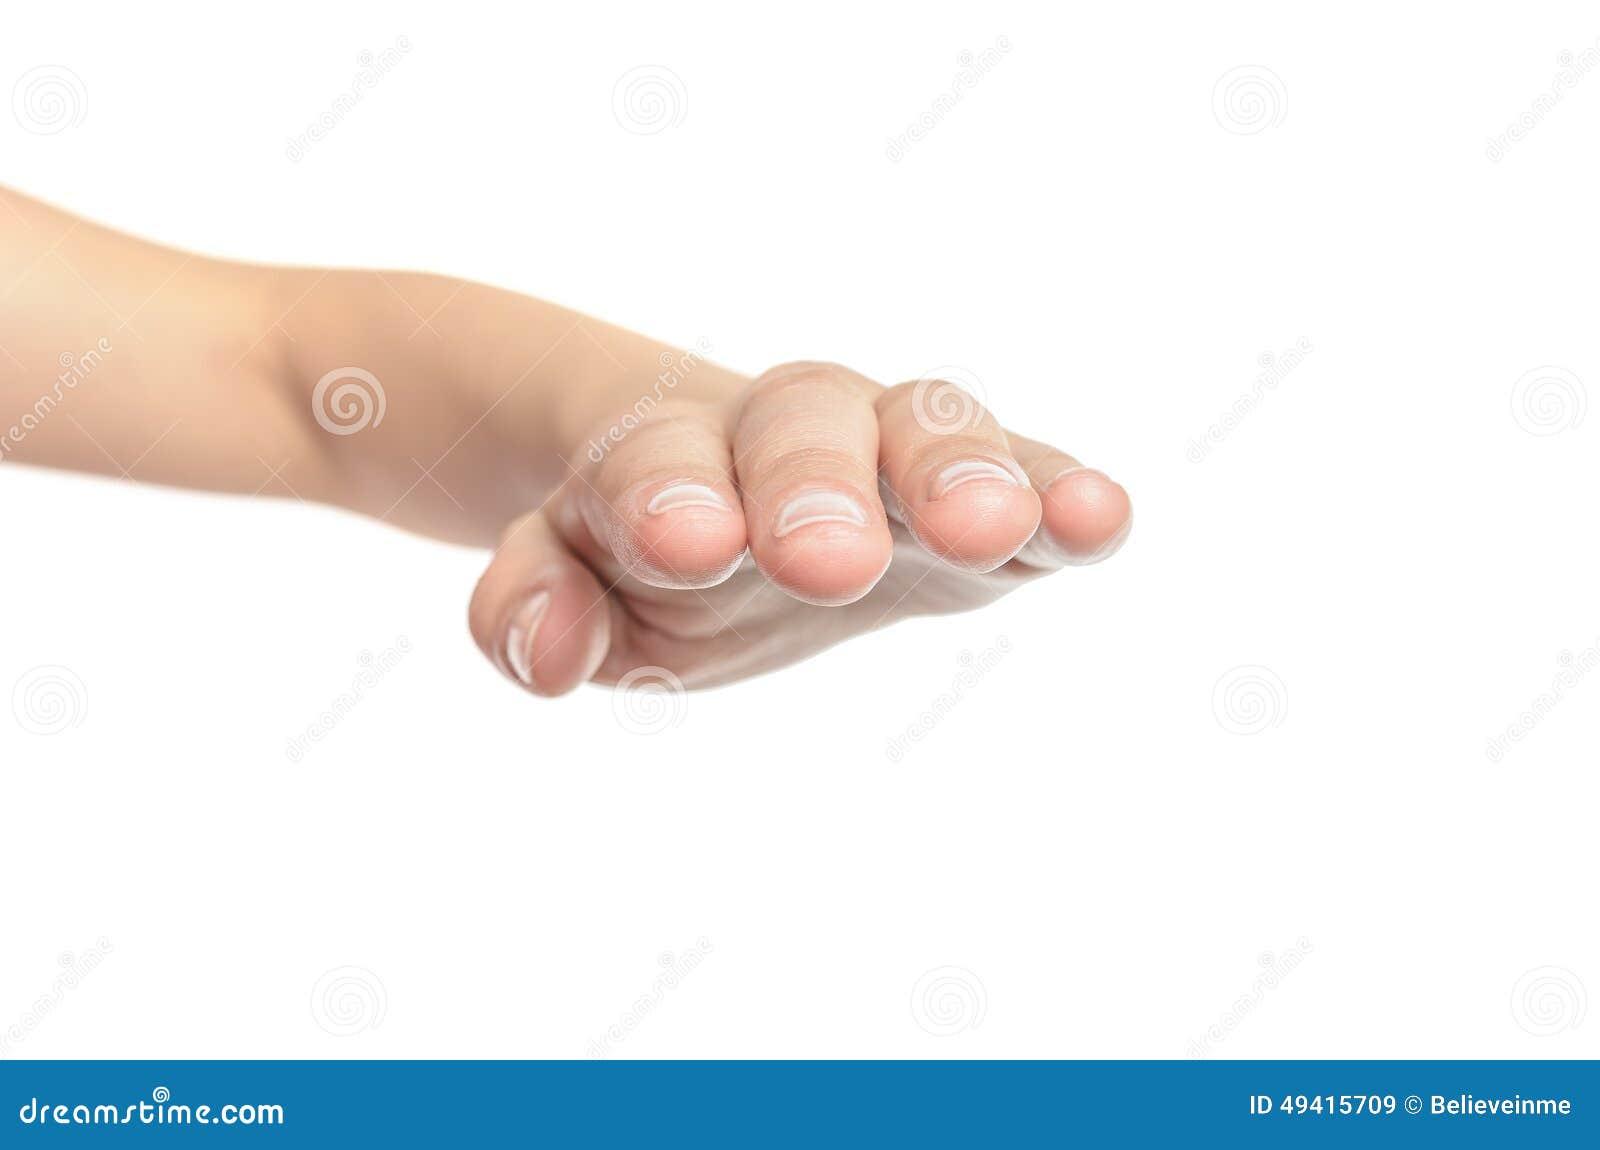 Download Offene Hand der Frau stockbild. Bild von sauber, obacht - 49415709